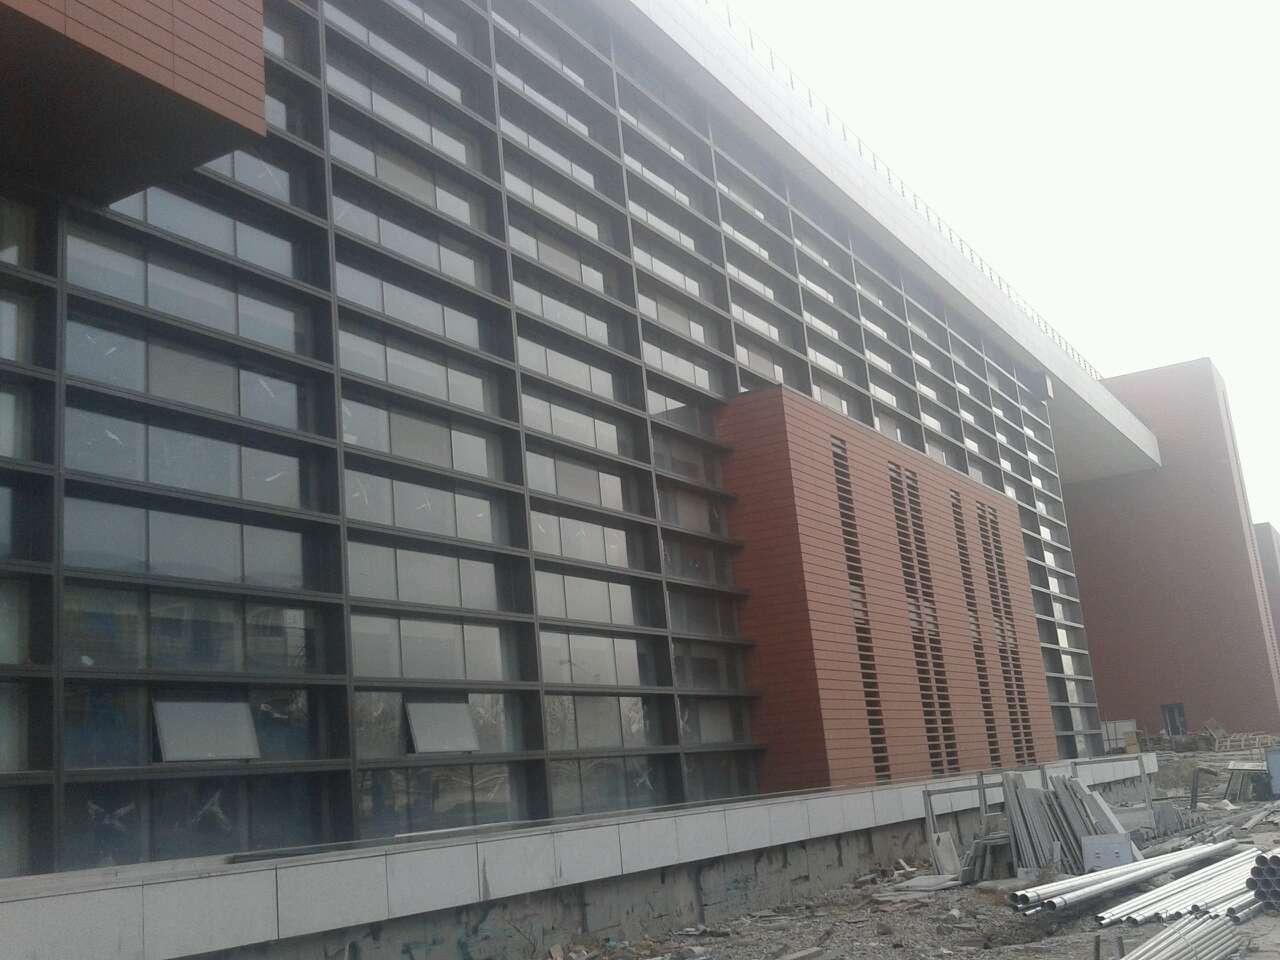 天津幕墙安装 天津市金门之窗幕墙安装有限公司